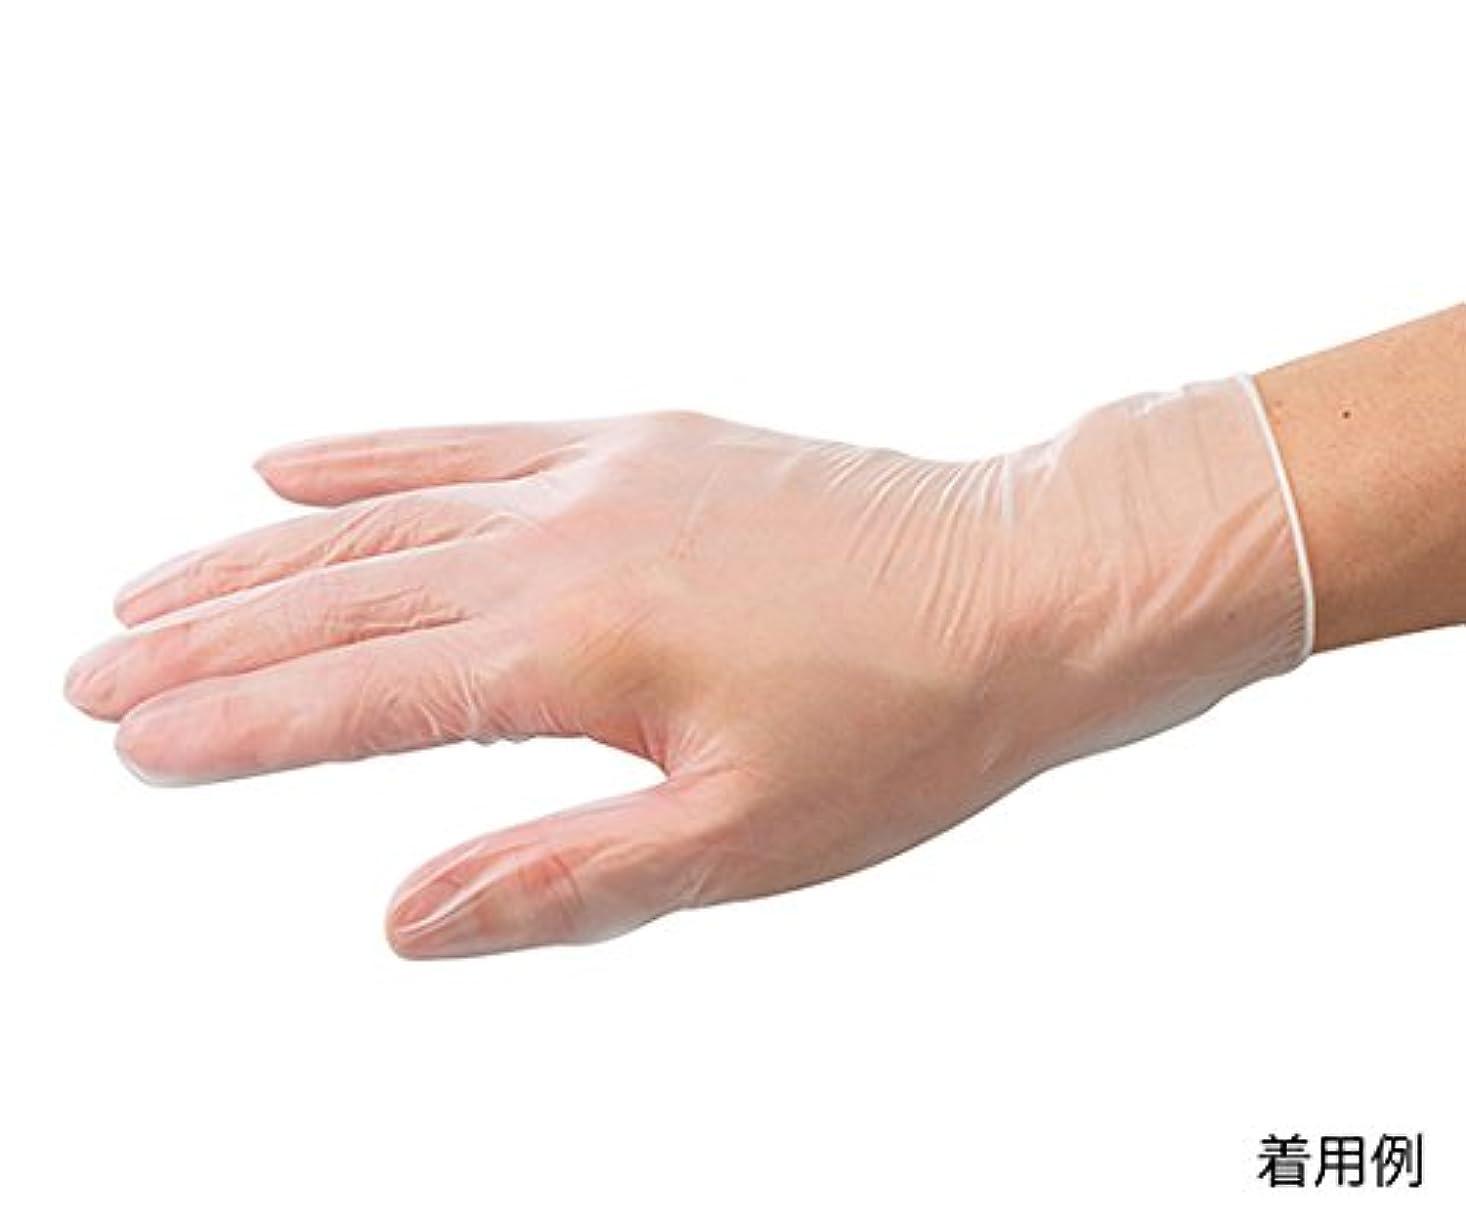 キャスト不測の事態葉を集めるARメディコム?インク?アジアリミテッド7-3726-03バイタルプラスチック手袋(パウダーフリー)L150枚入